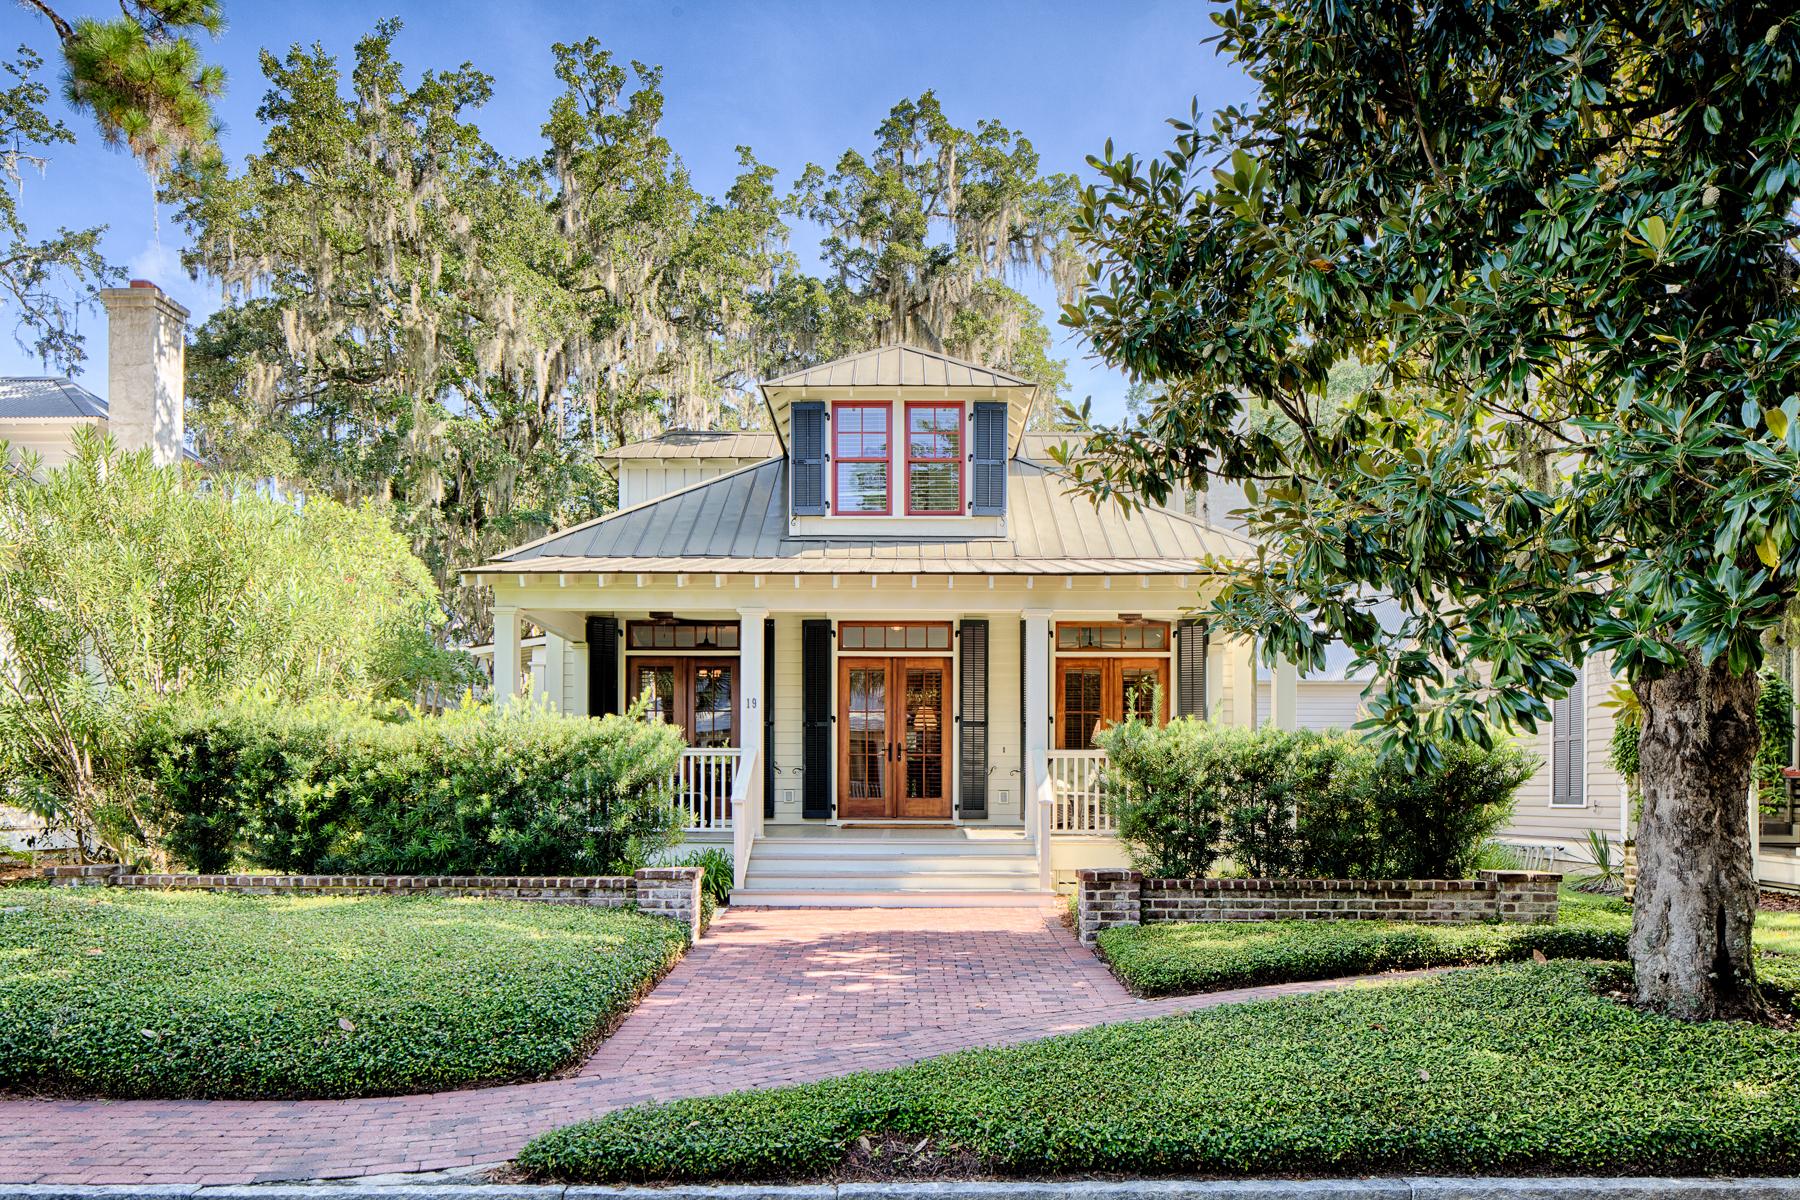 独户住宅 为 销售 在 Palmetto Bluff 19 South Drayton Street, Palmetto Bluff, 布拉夫顿, 南卡罗来纳州, 29910 美国